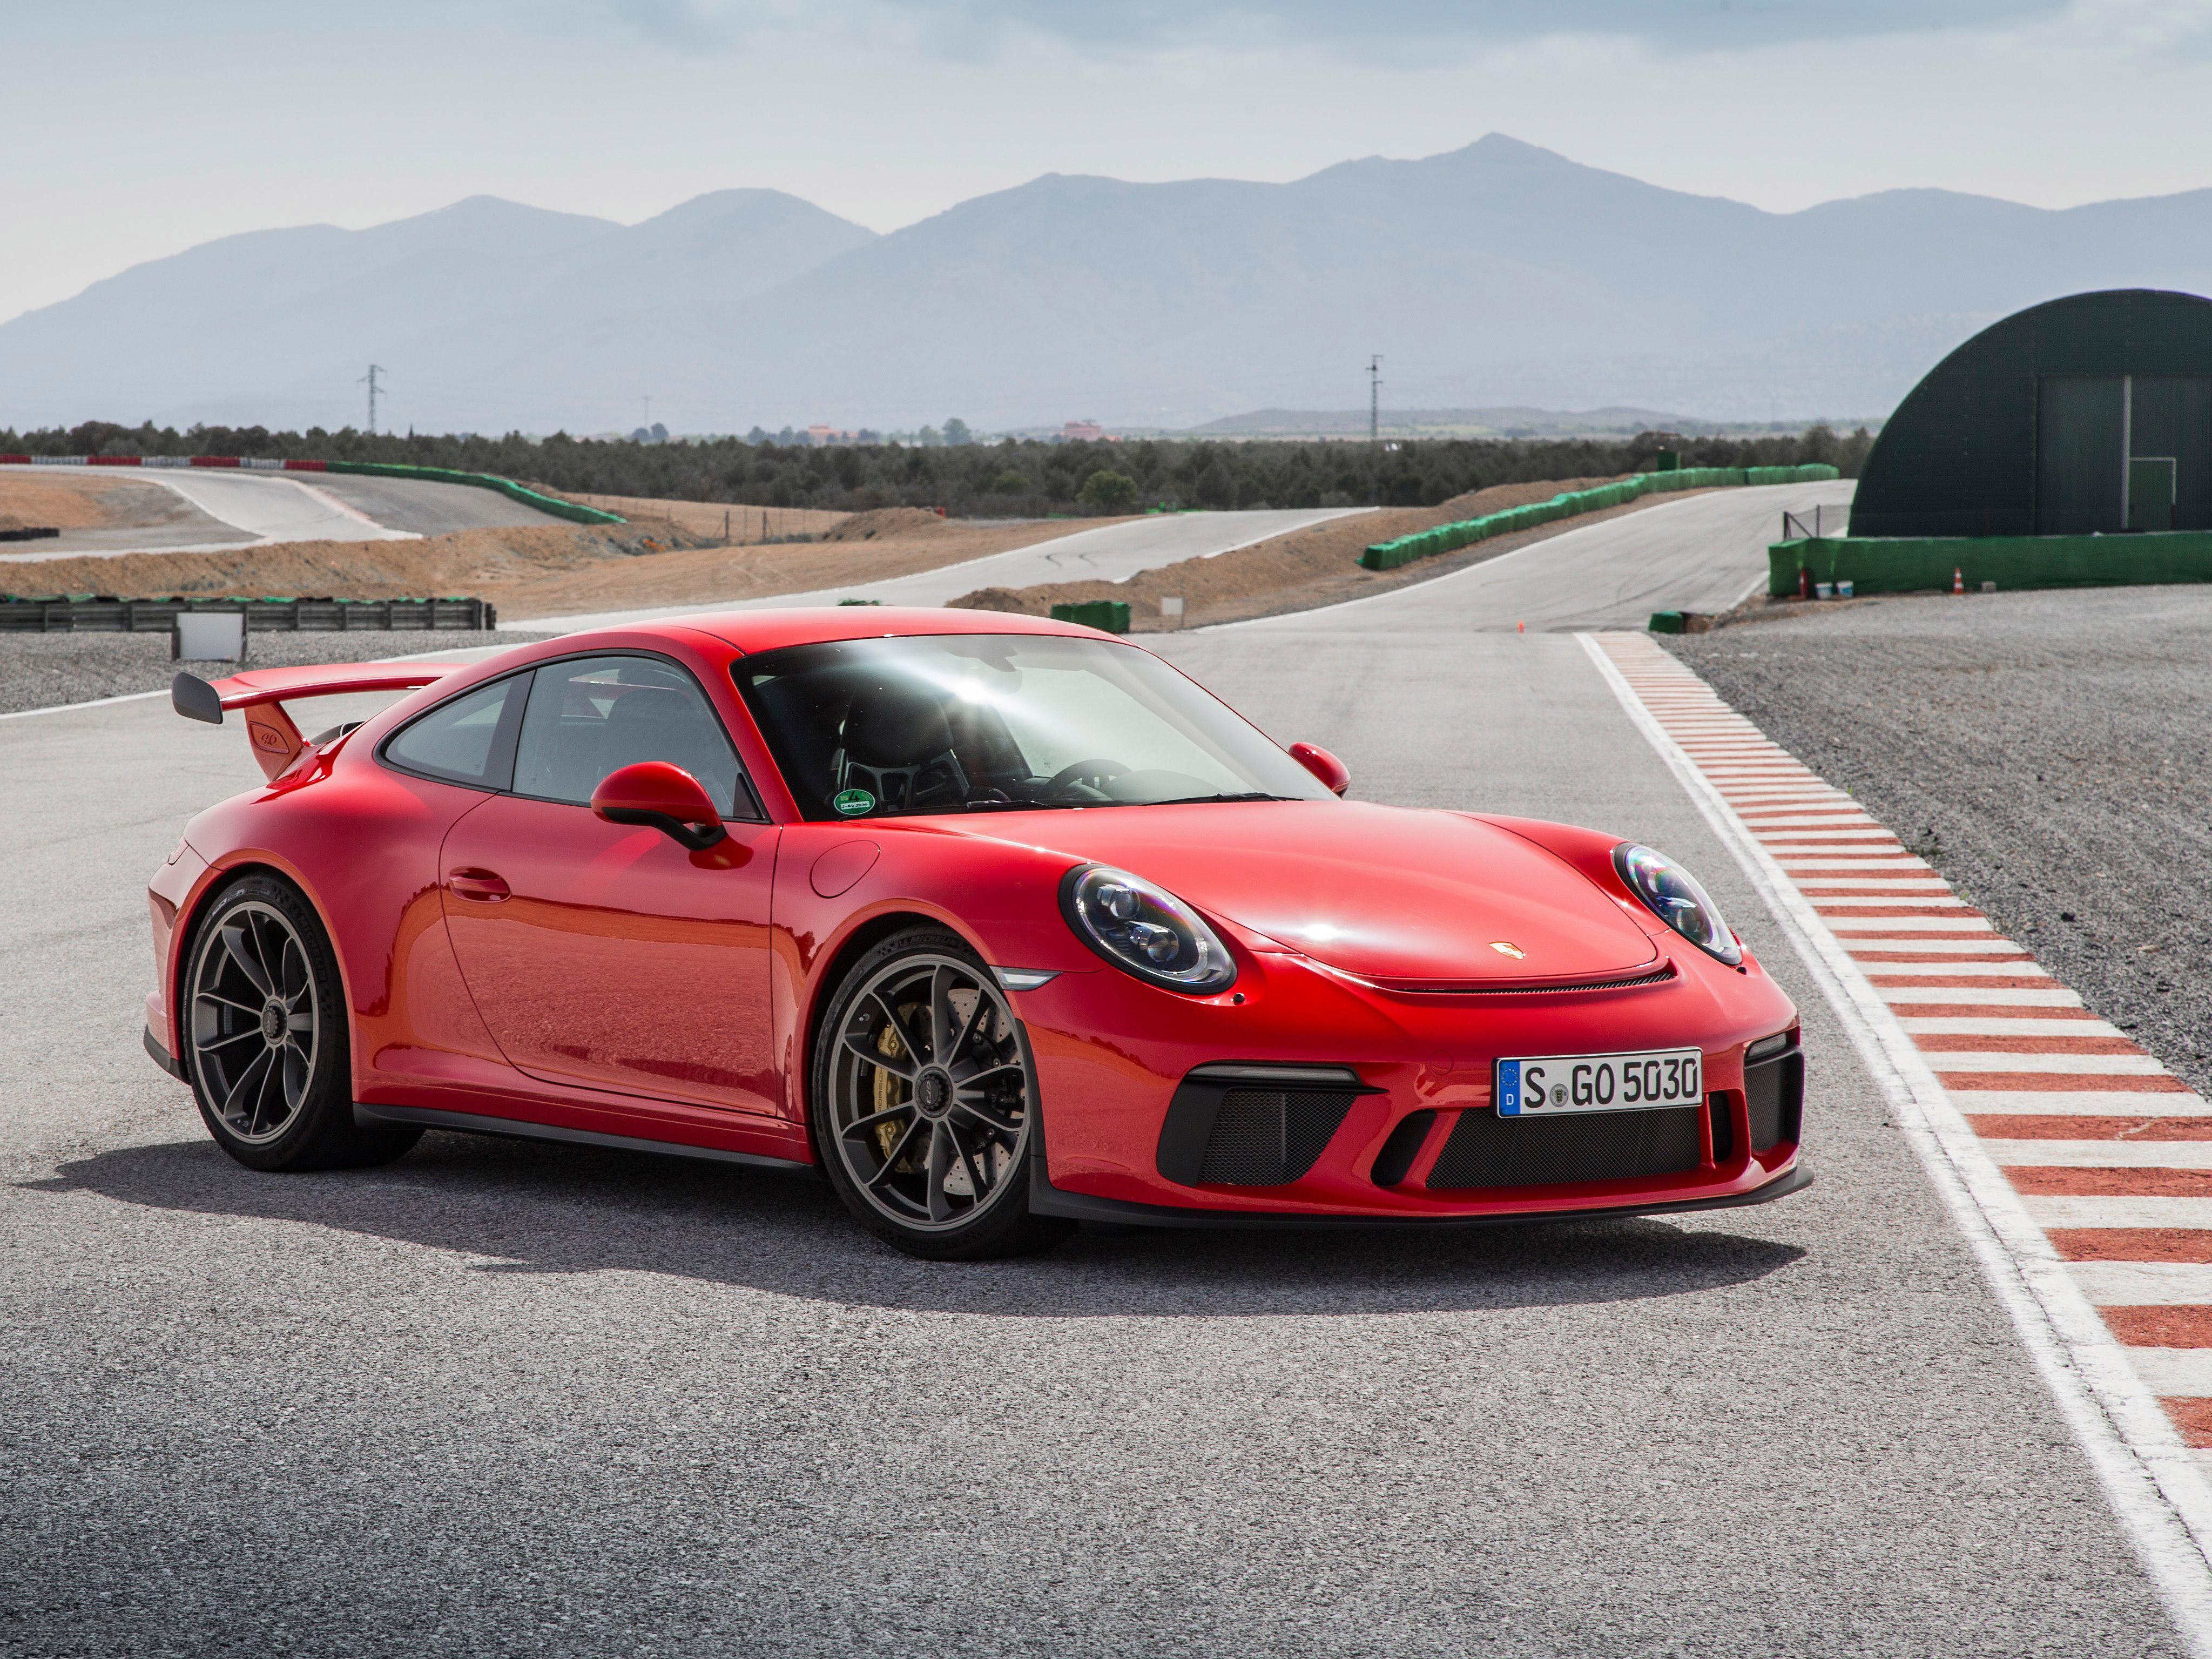 4k Porche Carrera Gt Wallpaper: Porsche 911 GT3 2018, HD Cars, 4k Wallpapers, Images